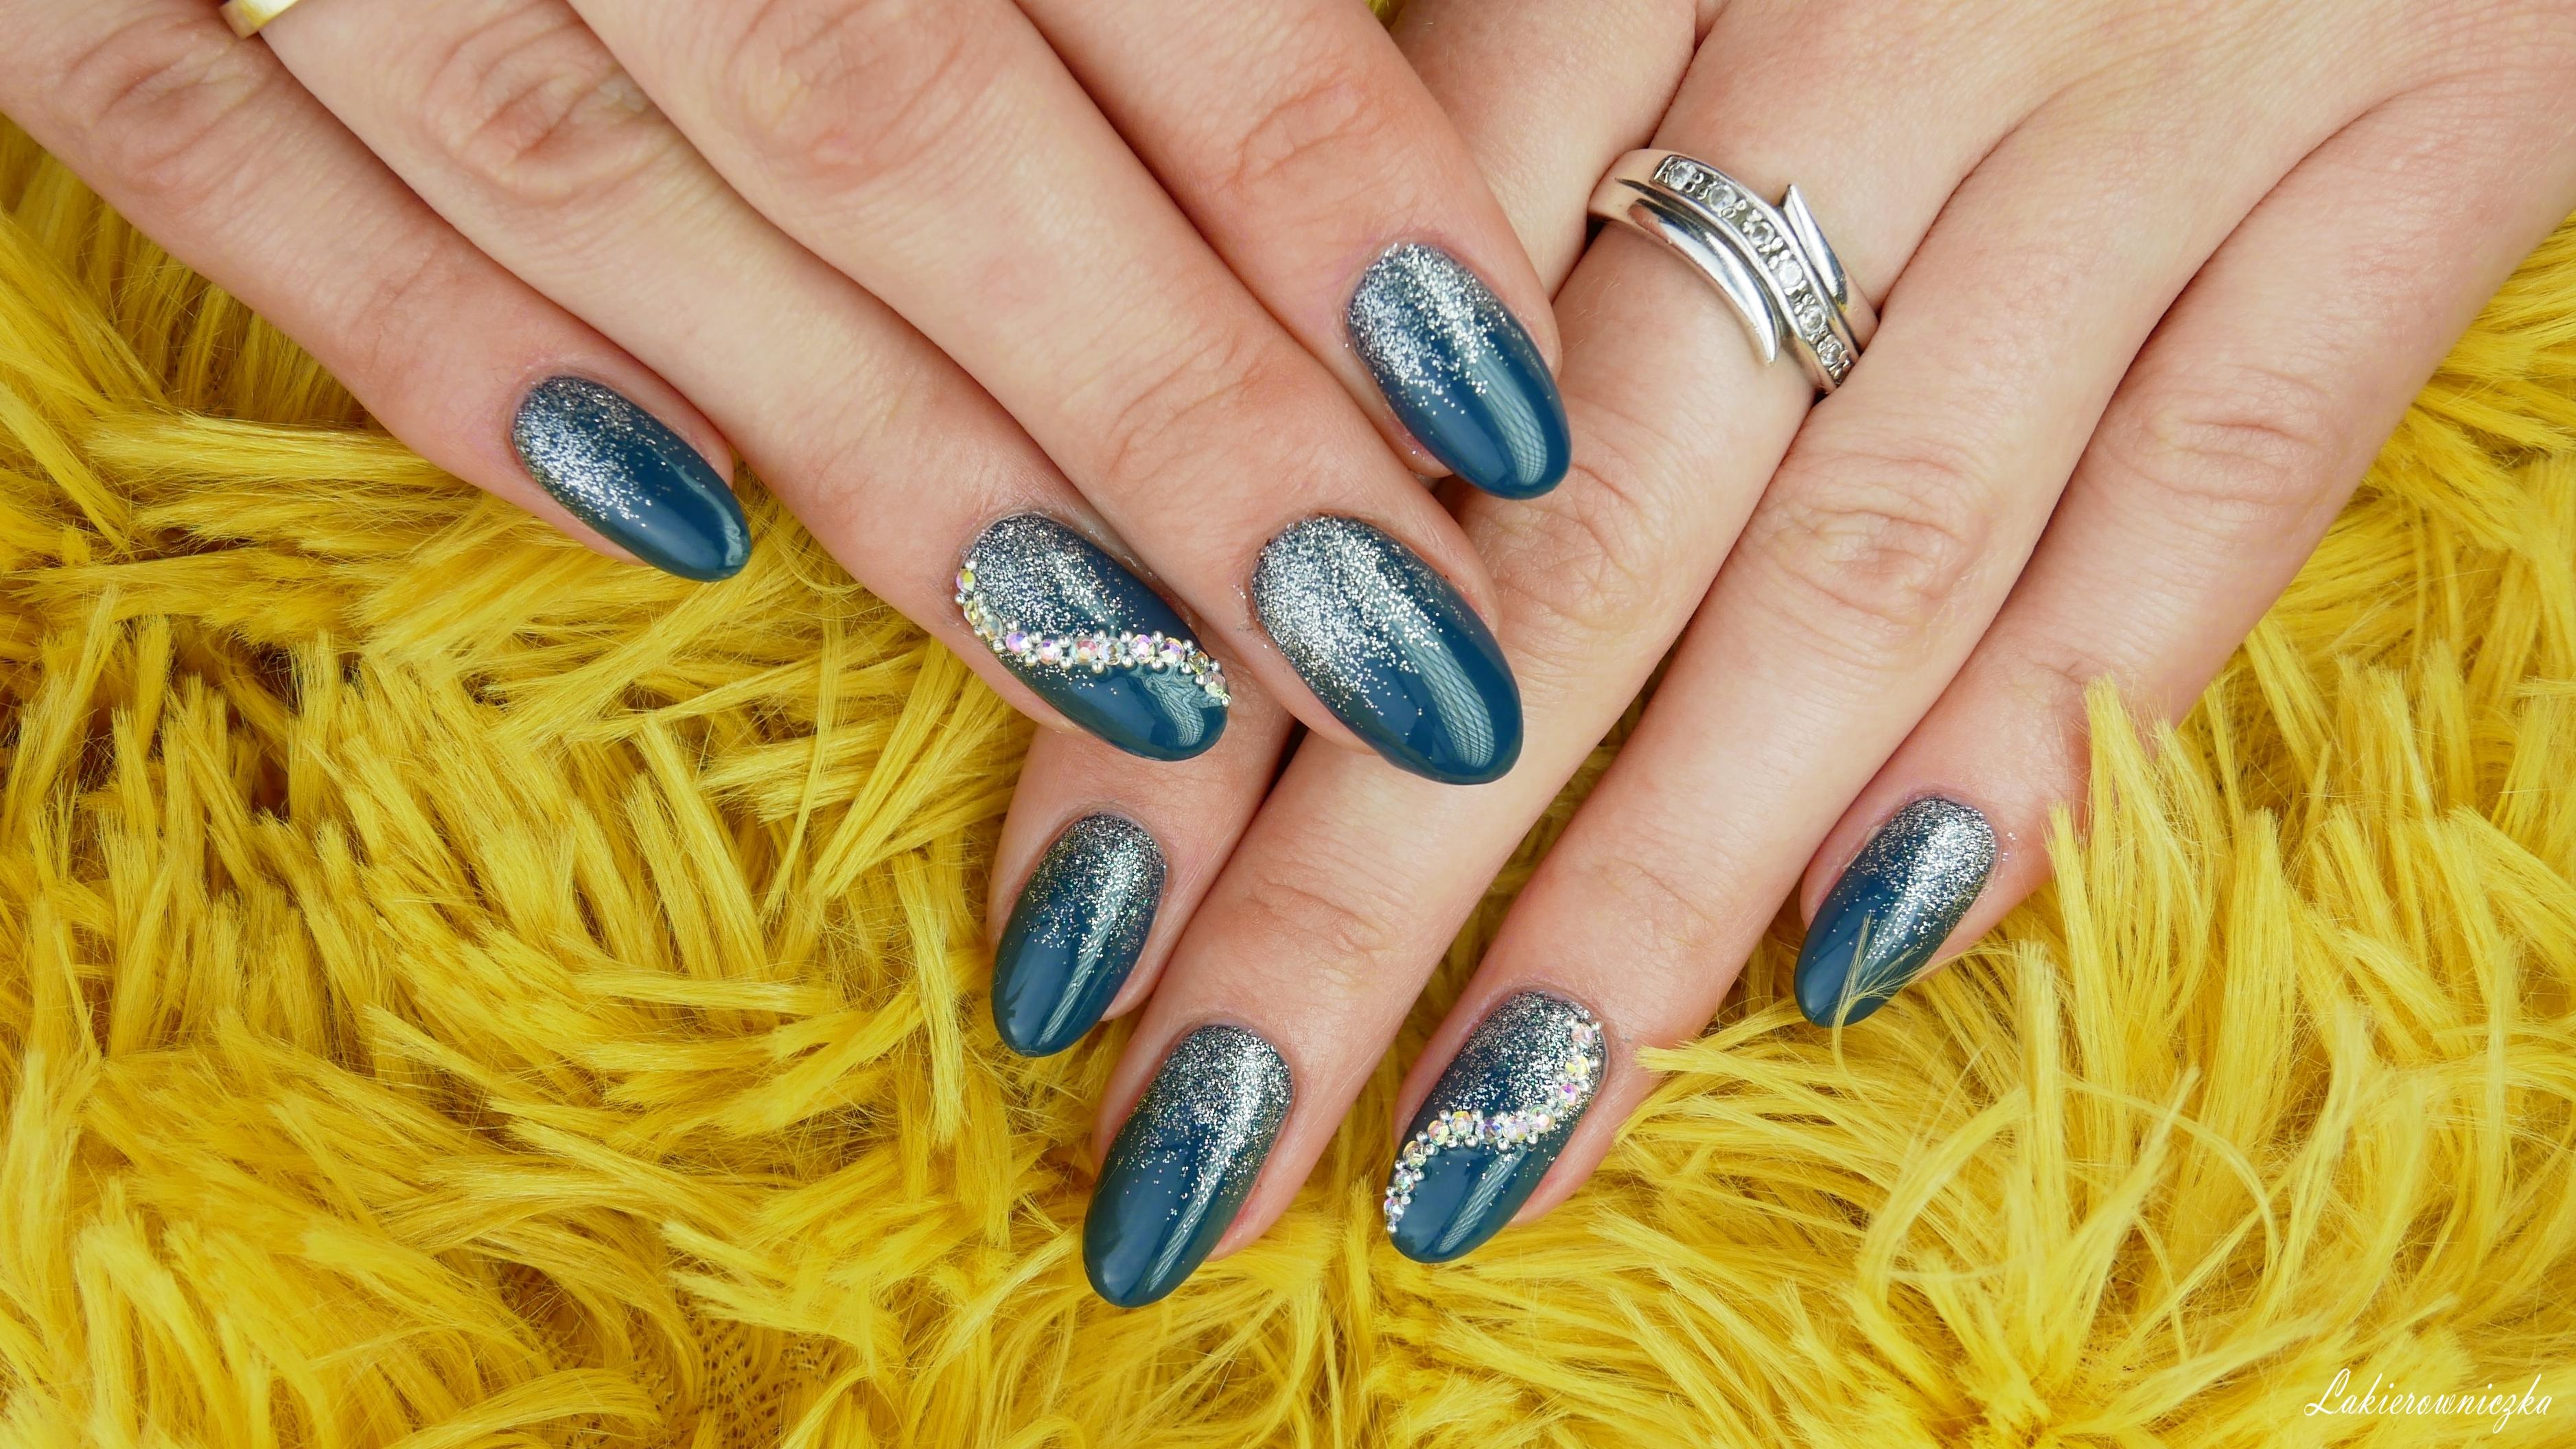 Te 5 trików powinna znać każda stylistka paznokci